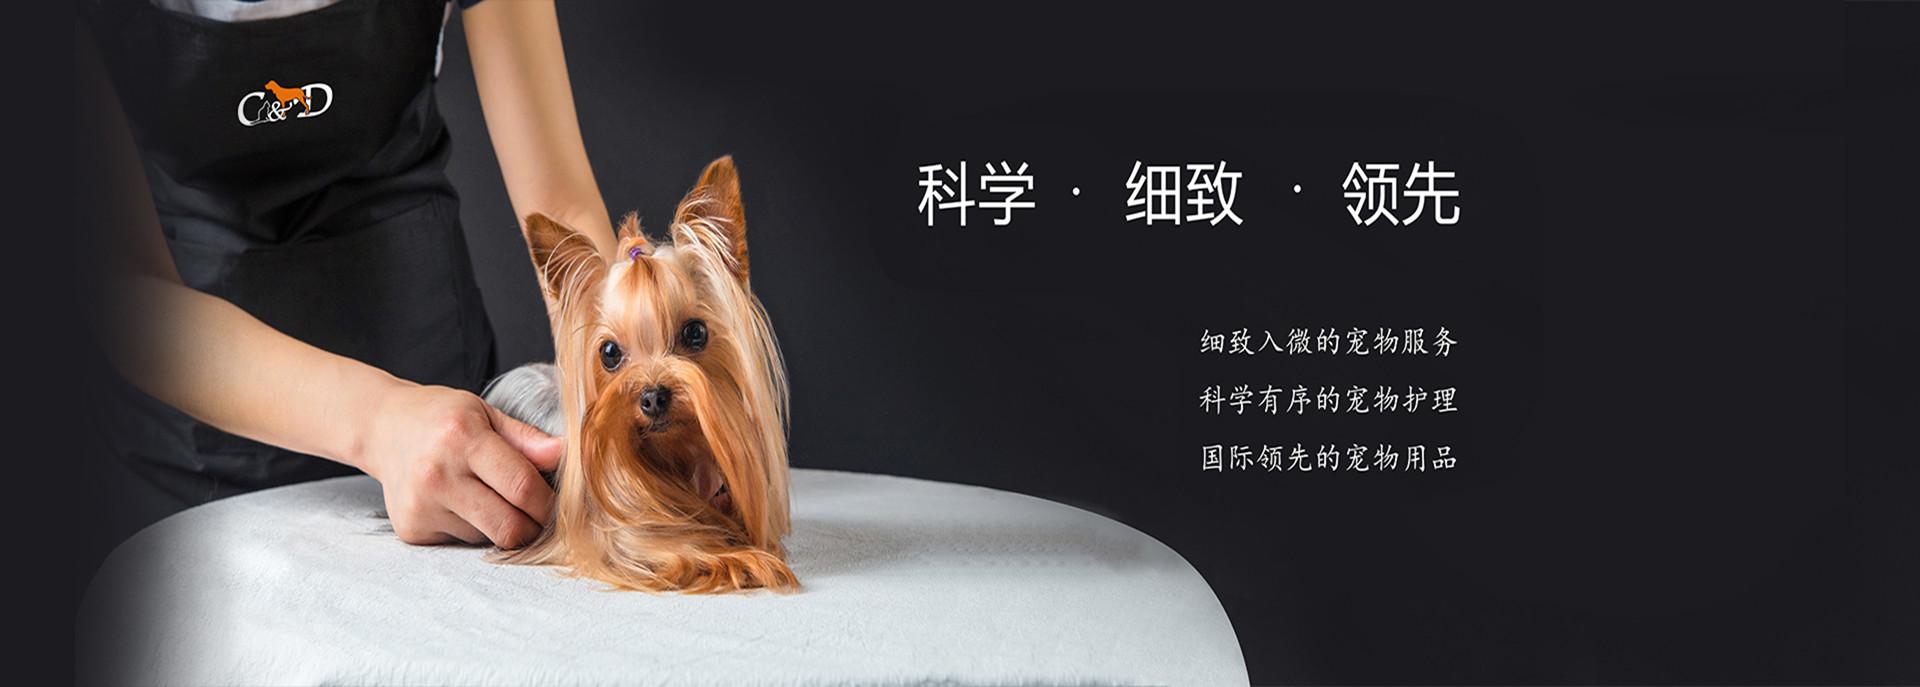 彼丕宠物学校---宠物美容师的由来